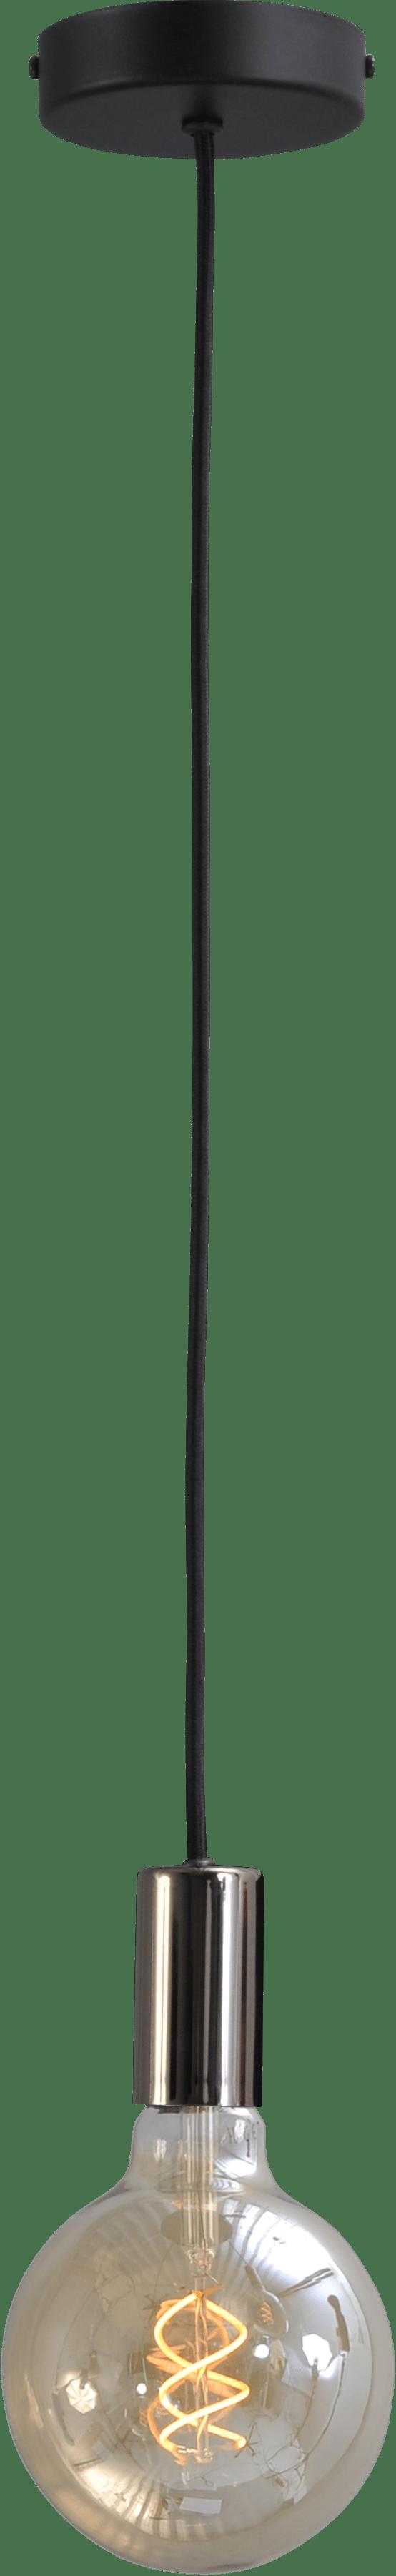 Tessi HL TESSI 1LTS PENDANT BLACK CHROME E27